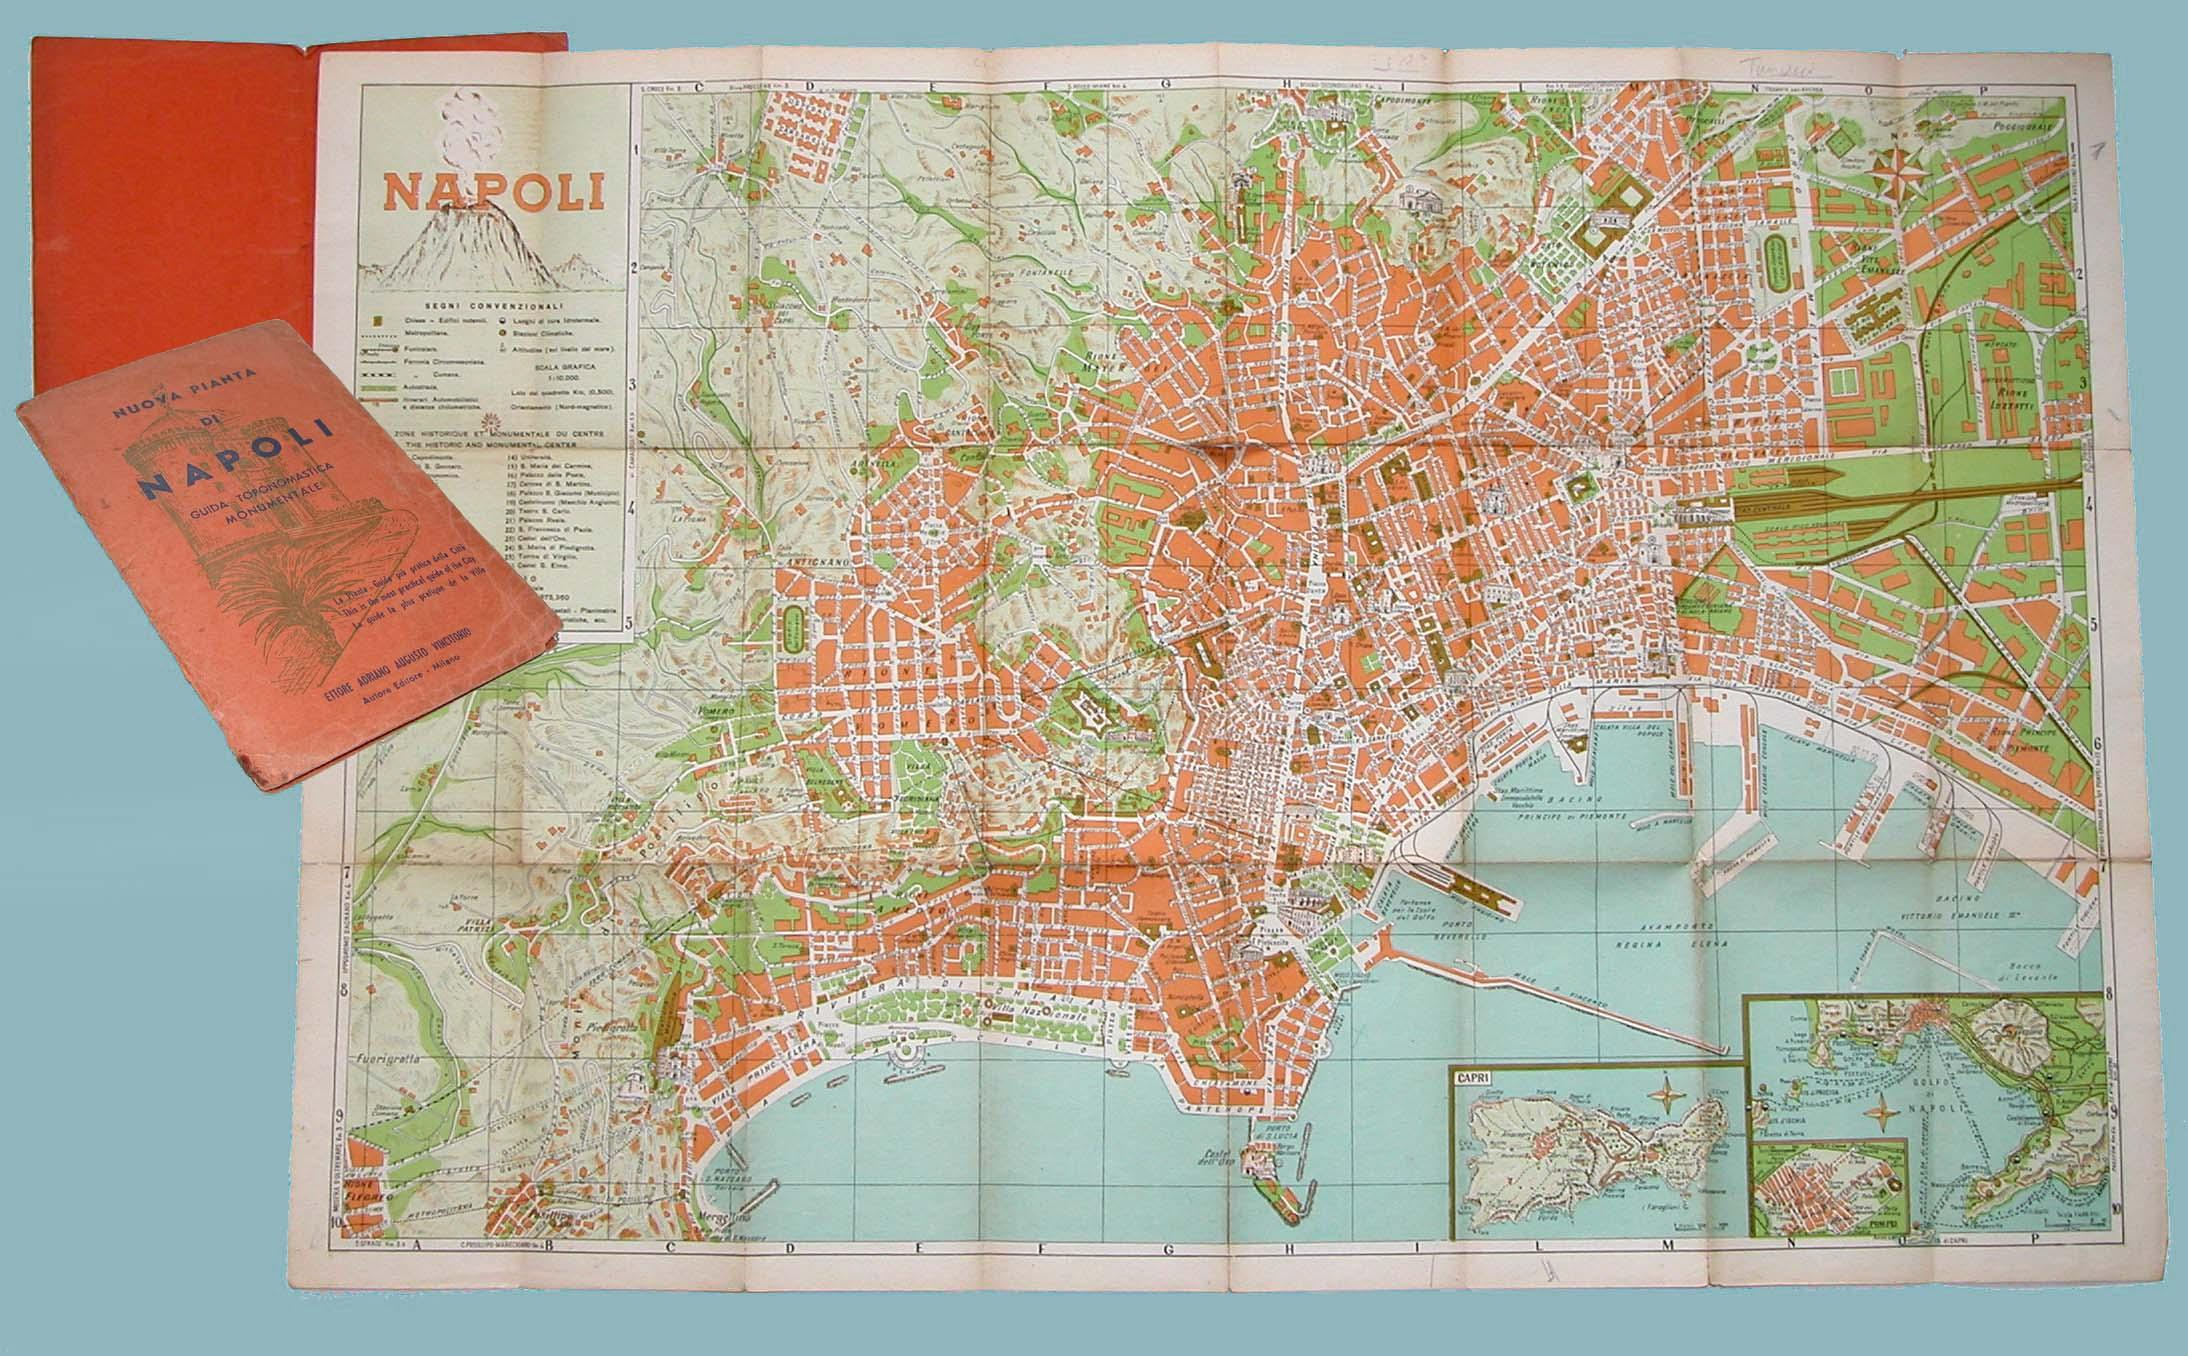 La Cartina Di Napoli.Nuova Pianta Di Napoli Mappa Studio Bibliografico Imprimatur